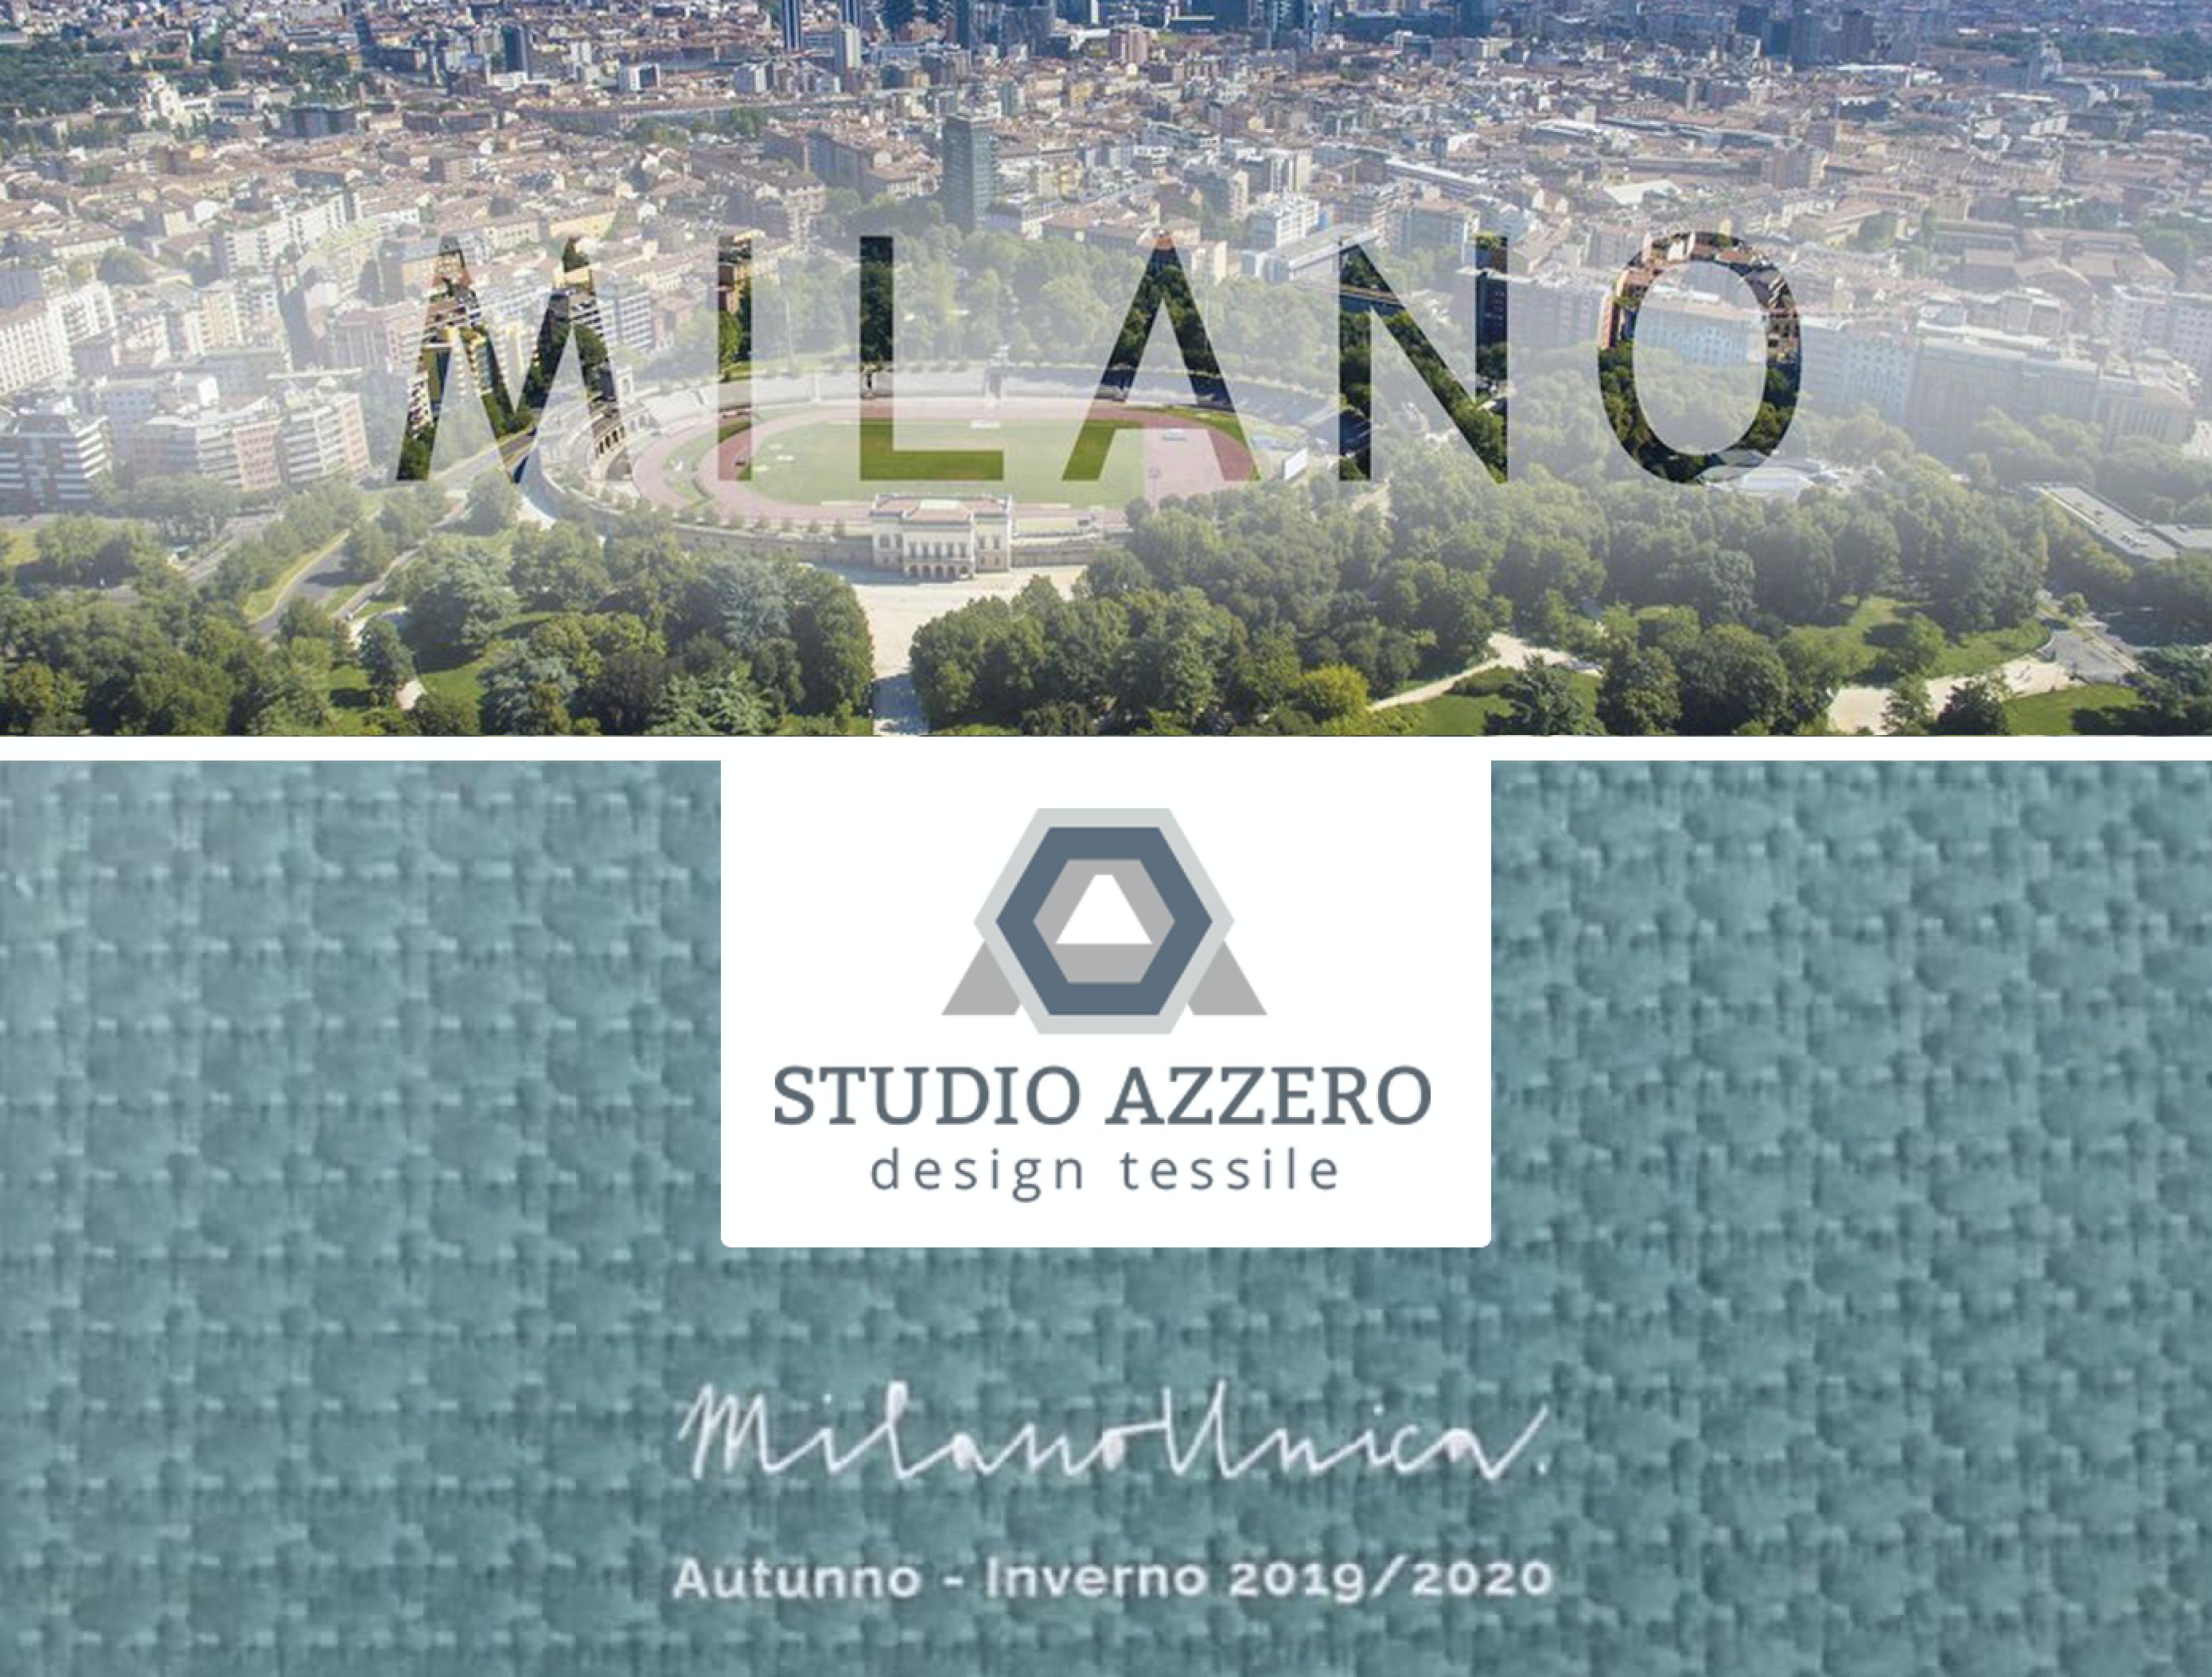 STUDIO AZZERO A MILANO UNICA